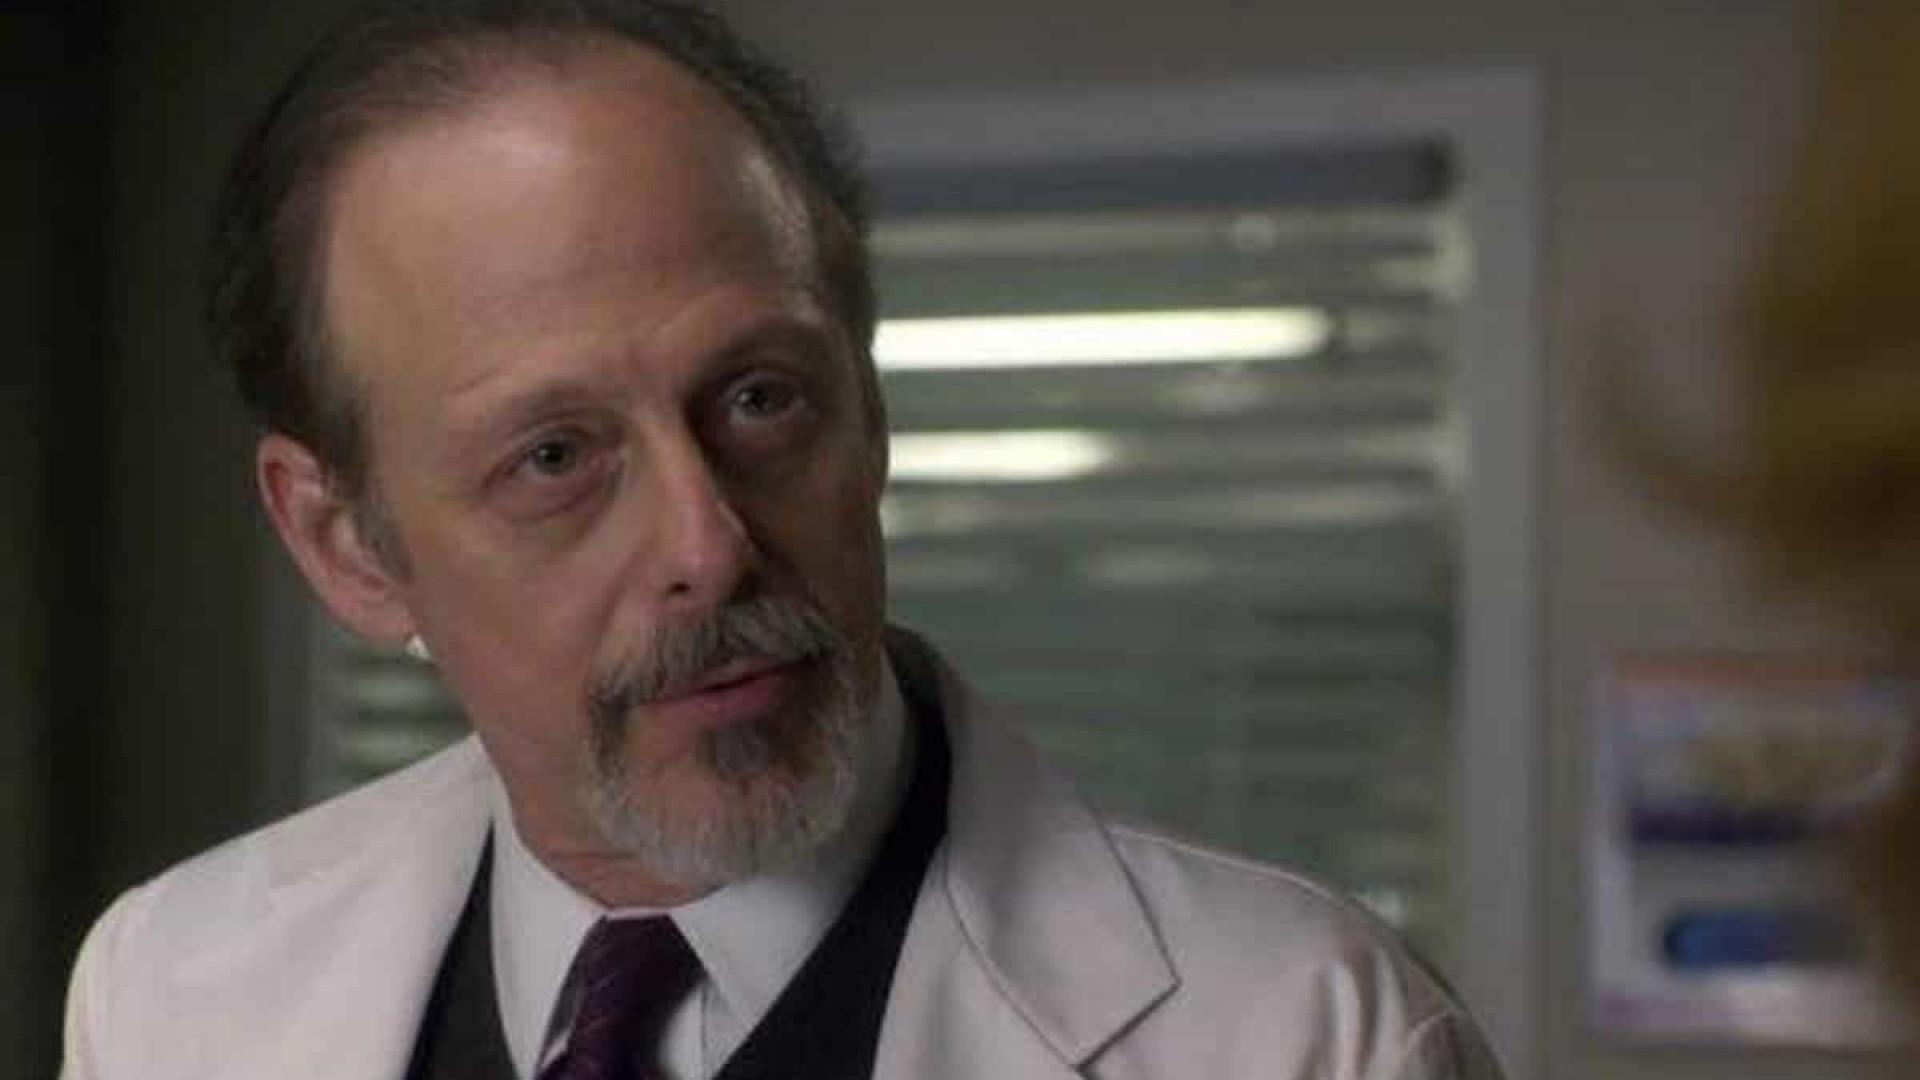 Morre Mark Blum, ator 'Crocodile Dundee', por complicações do covid-19